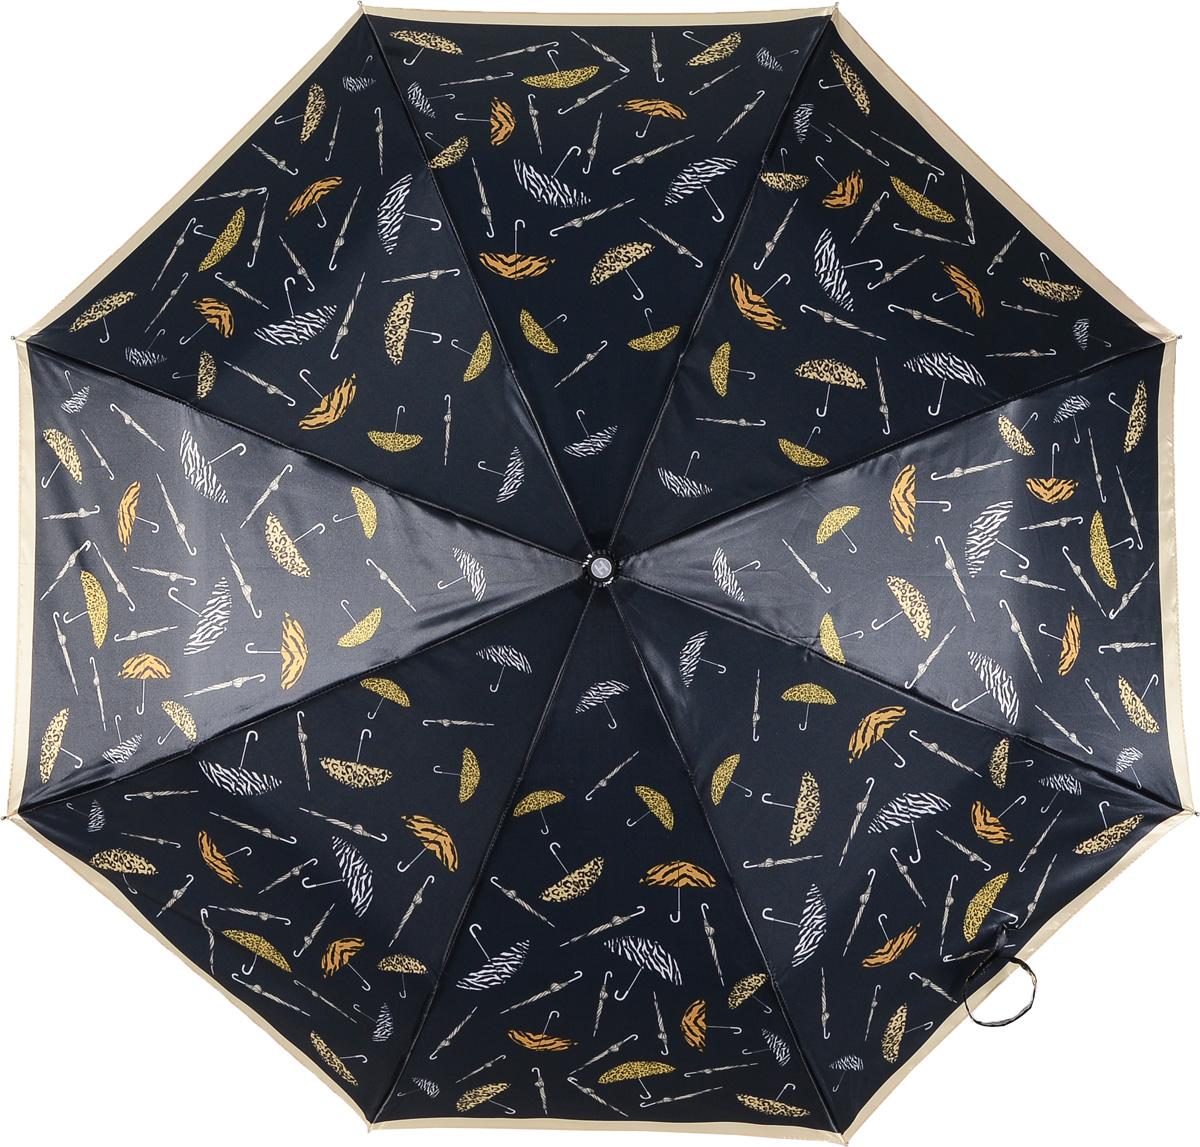 Зонт женский Henry Backer, 3 сложения, цвет: черный. U21203 Animal printU21203 Animal printЖенский зонт с сатиновым куполом «Животный принт», автомат. У модели удобная, нескользящая в ладони рукоять и ветроустойчивый каркас.